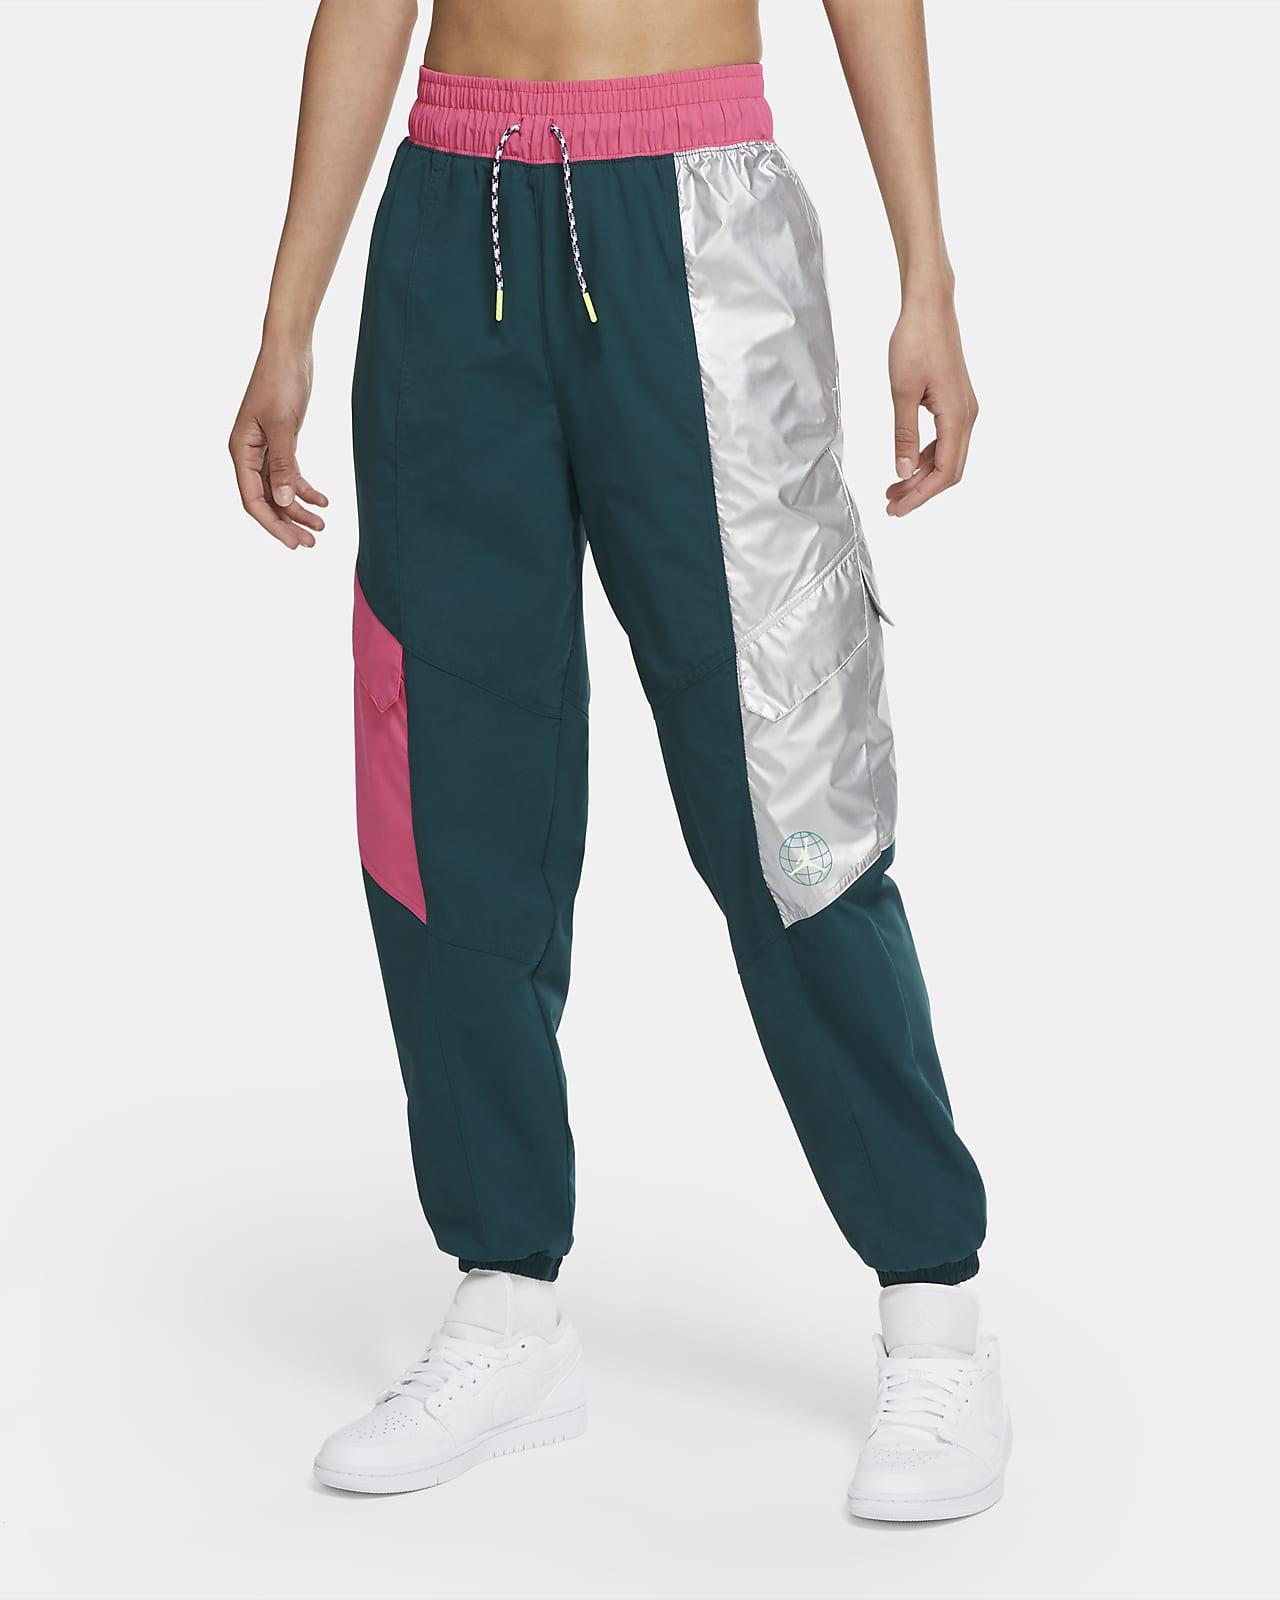 Jordan Winter Utility Pantalón - Mujer